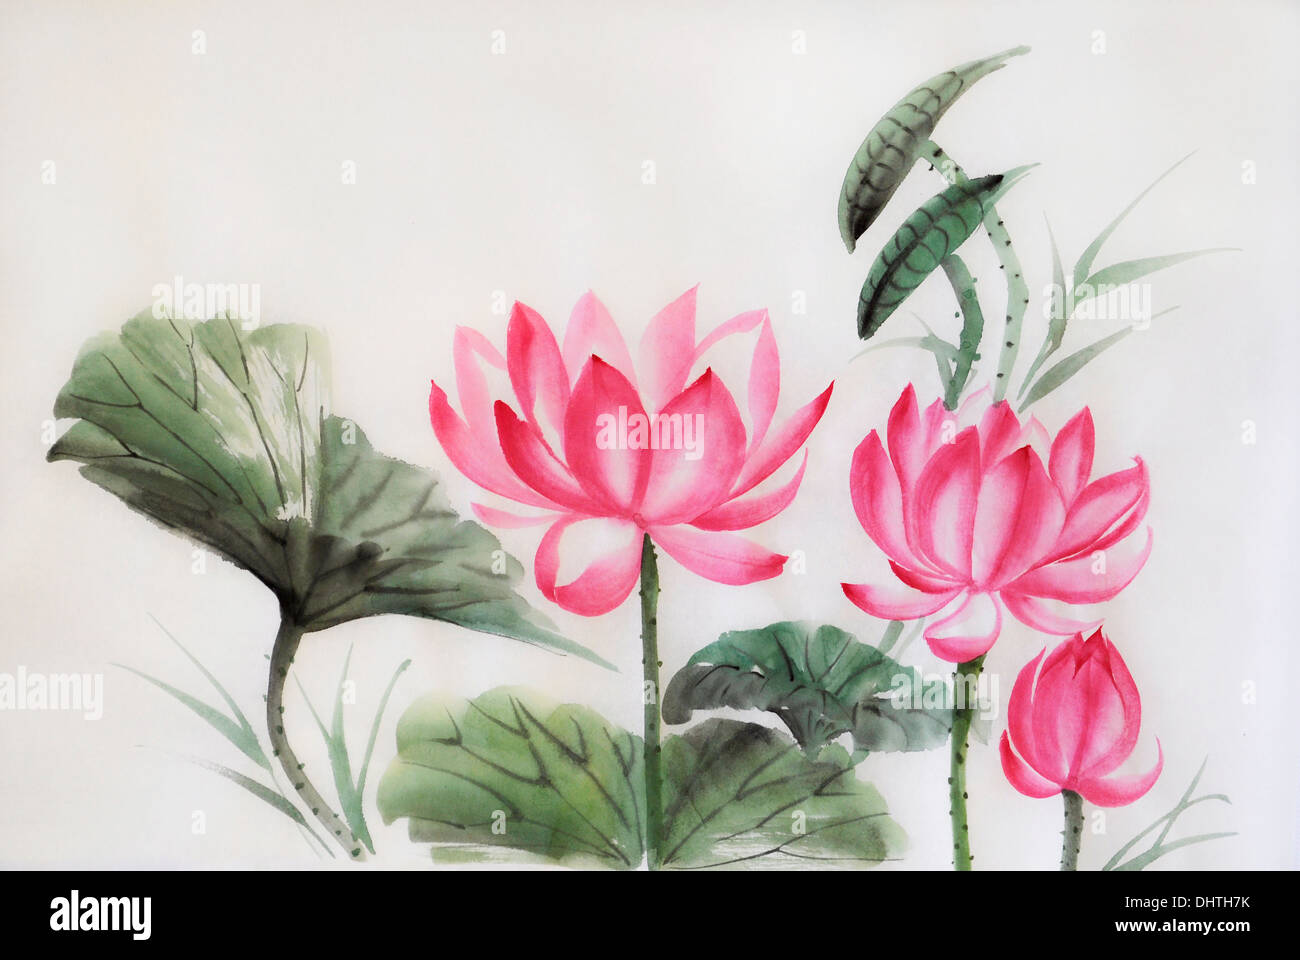 Lotus flower tree plant stock photos lotus flower tree plant stock tree lotuses watercolor painting original art asian style stock image izmirmasajfo